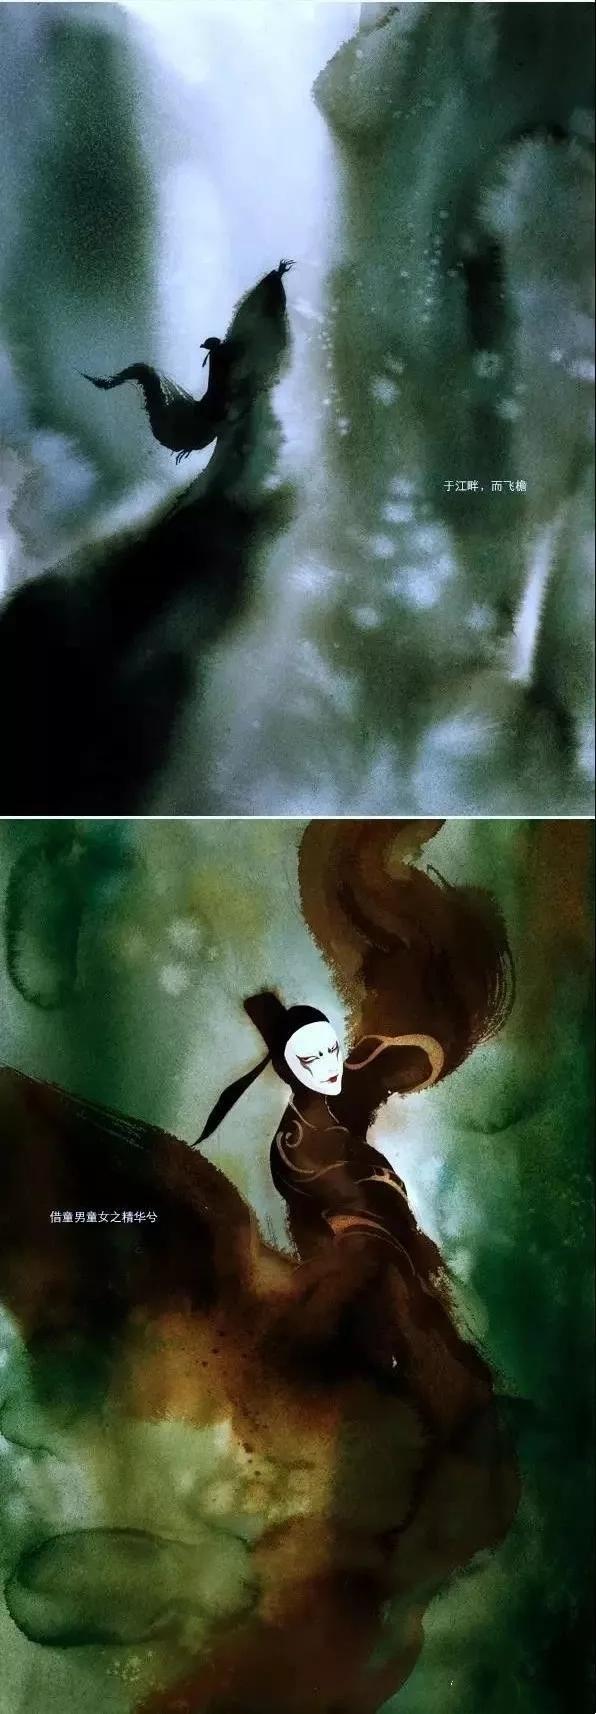 画作被人抄袭  奥斯卡最佳导演青睐他  这位中国美少年 究竟有什么魔力